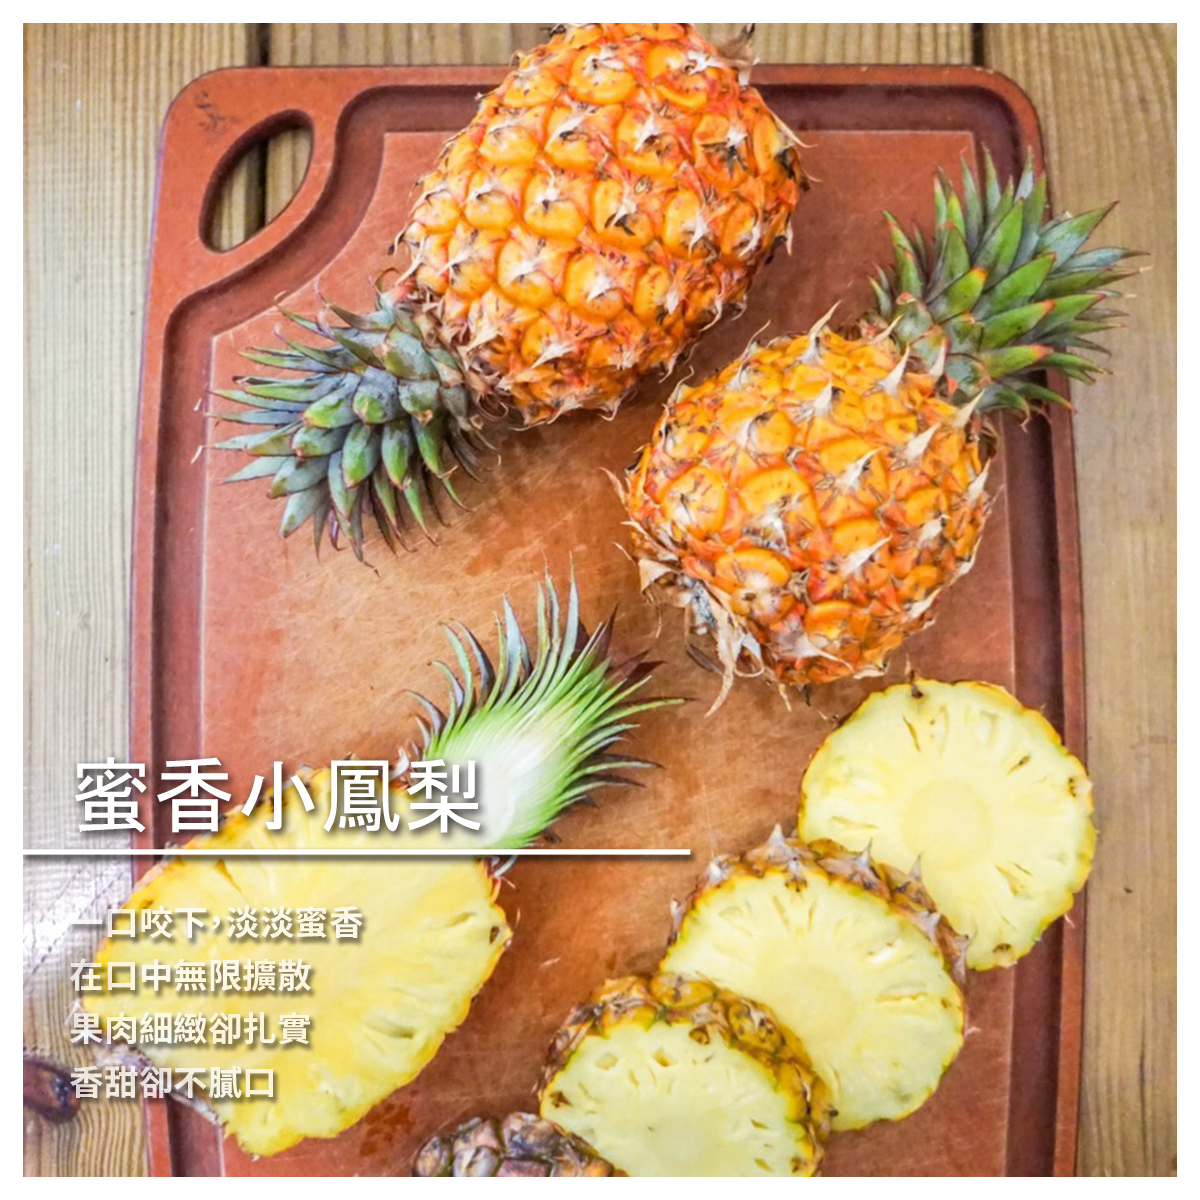 【17吃旺來】蜜香小鳳梨1箱+金鑽鳳梨果乾2包